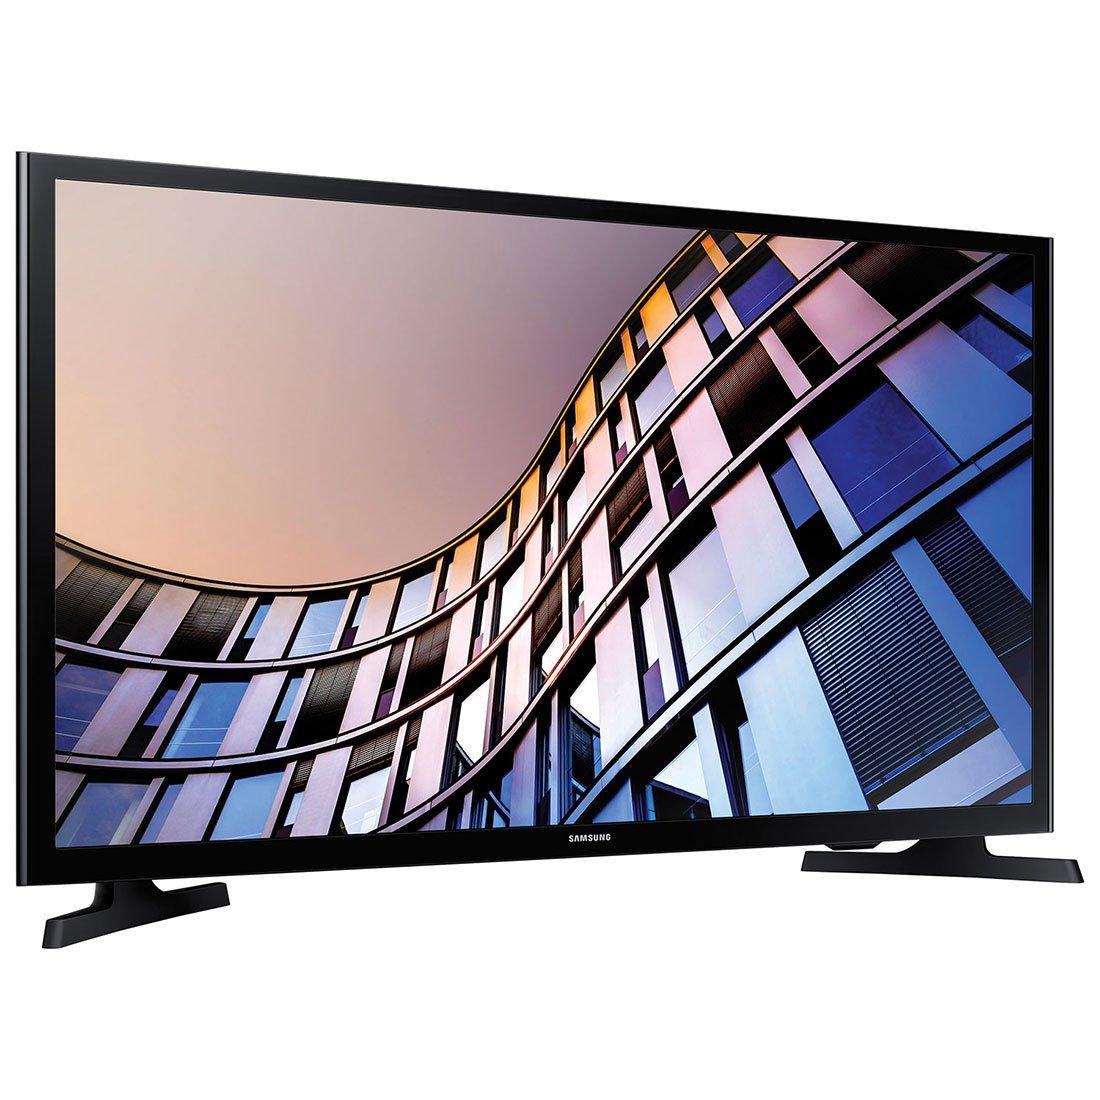 """Samsung UN28M4500AFXZC 28"""" 1080p LED/LCD Smart TV"""